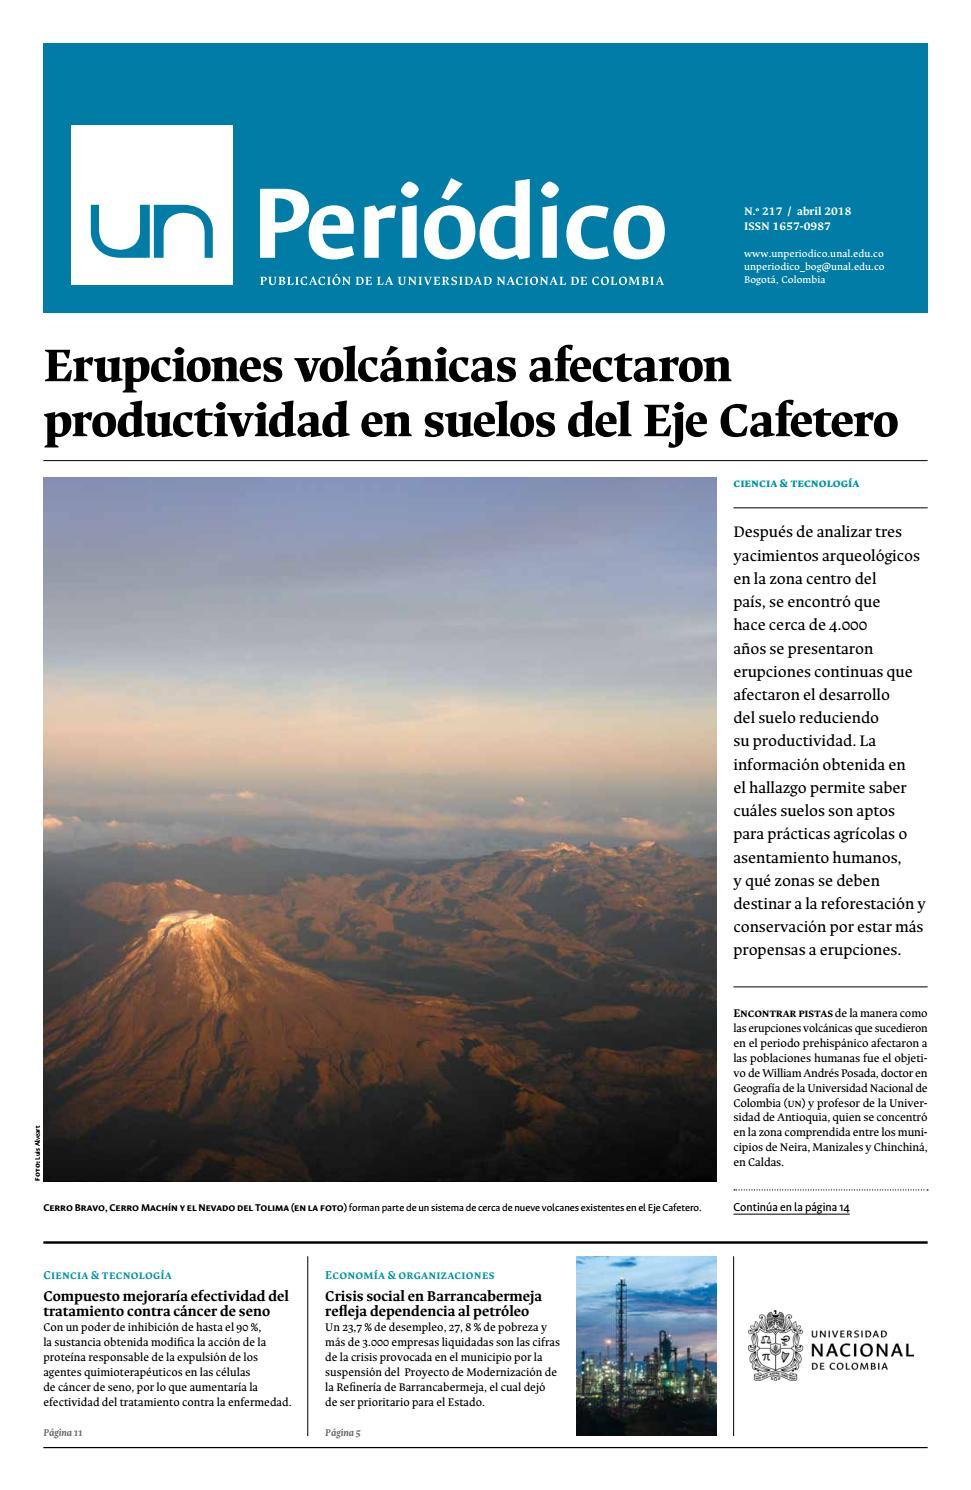 334076097 Unperiodico 217 by Unimedios - Universidad Nacional de Colombia - issuu